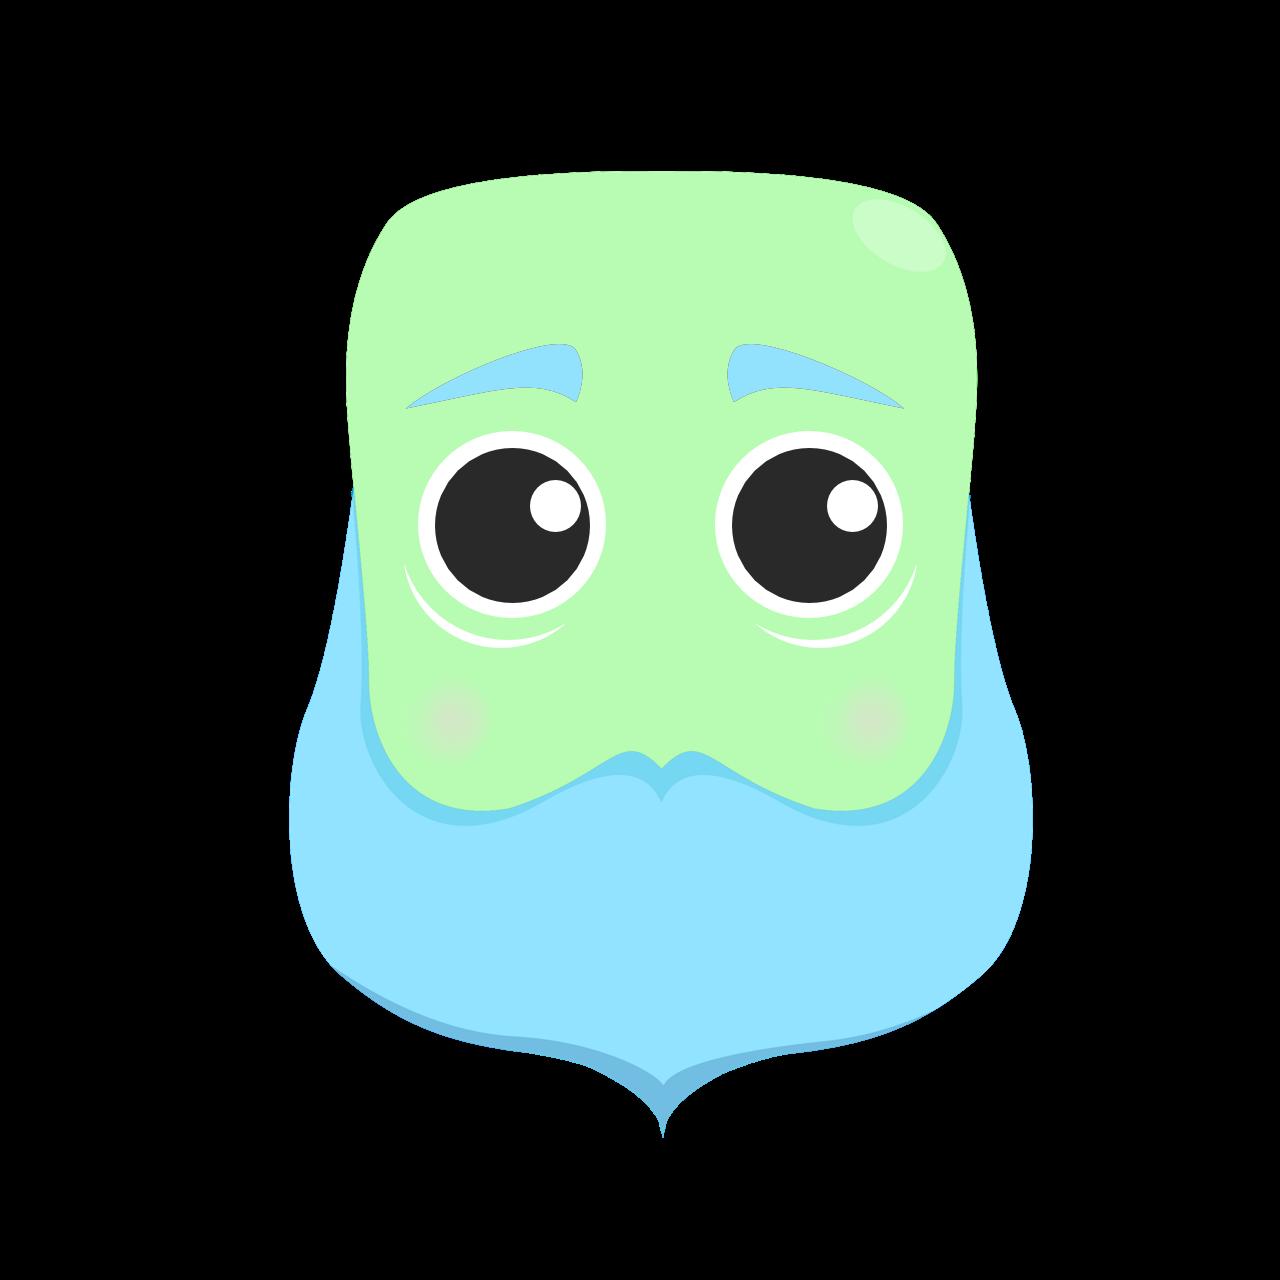 magoon-face